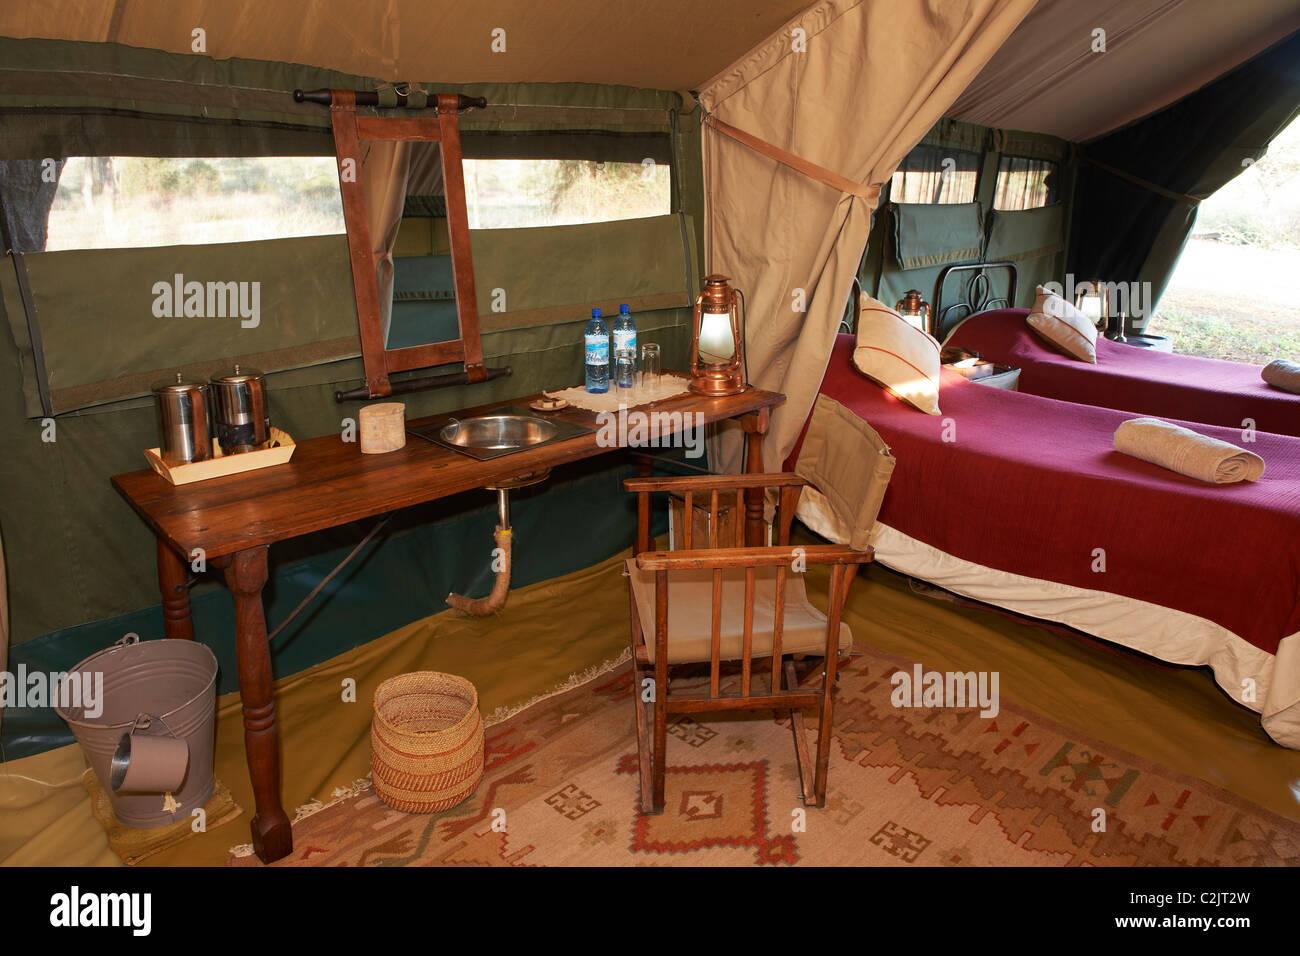 Filmación de interiores de lujo habitación para dormir en carpa de Serengeti Safari tendían campamento, Imagen De Stock